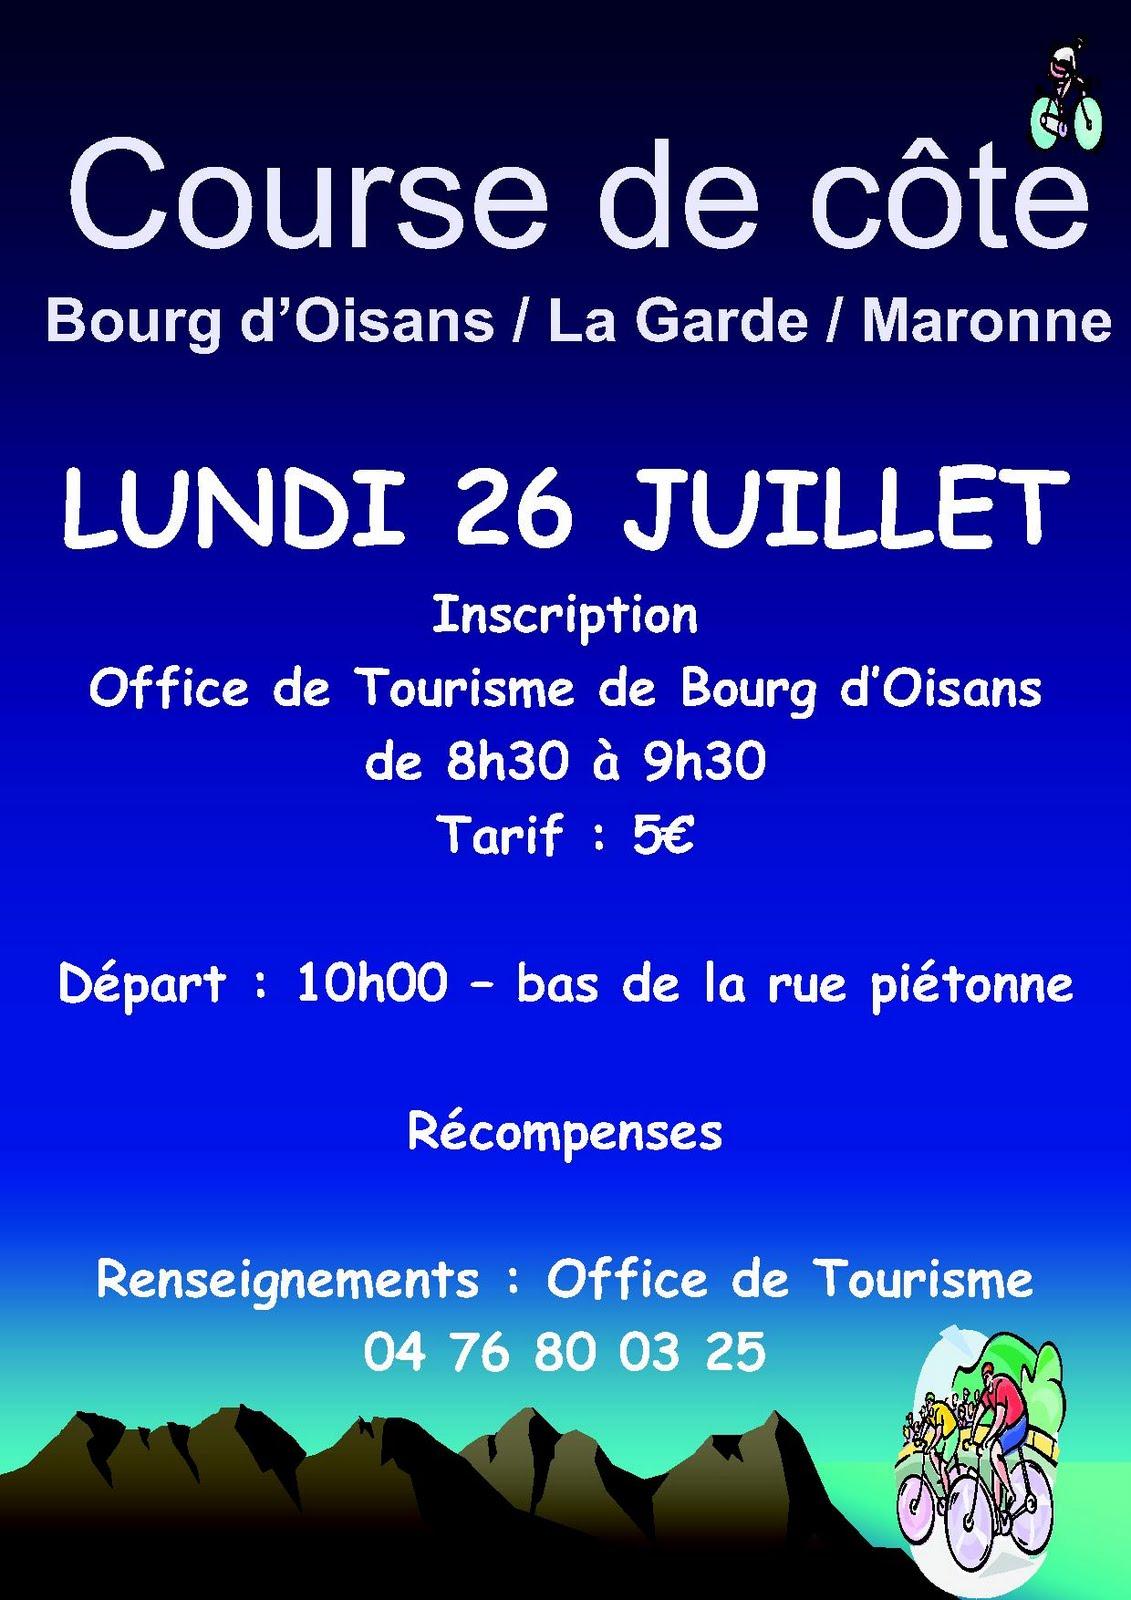 NEWS DE LOFFICE DE TOURISME BOURG DOISANS Pour Les